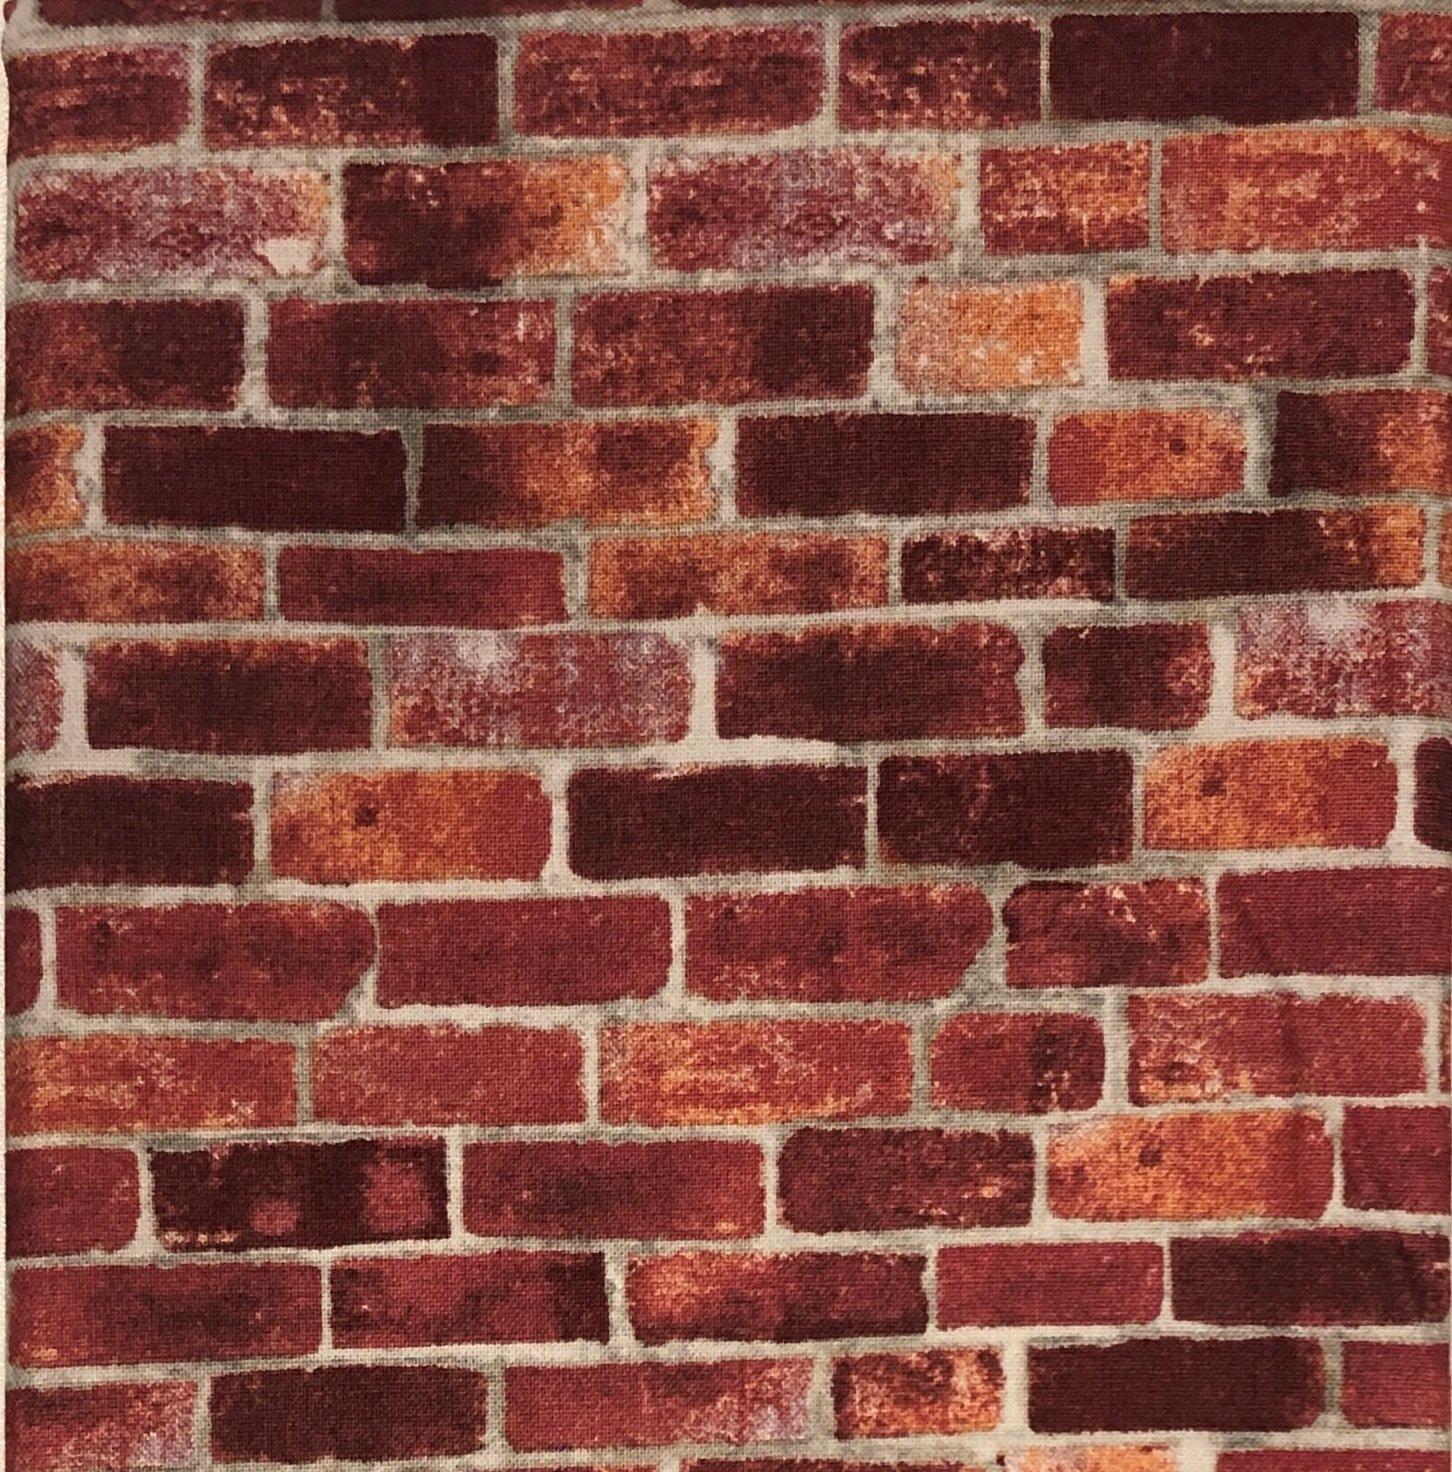 Brick Wall - Fat Quarters 20x22 - FQ021